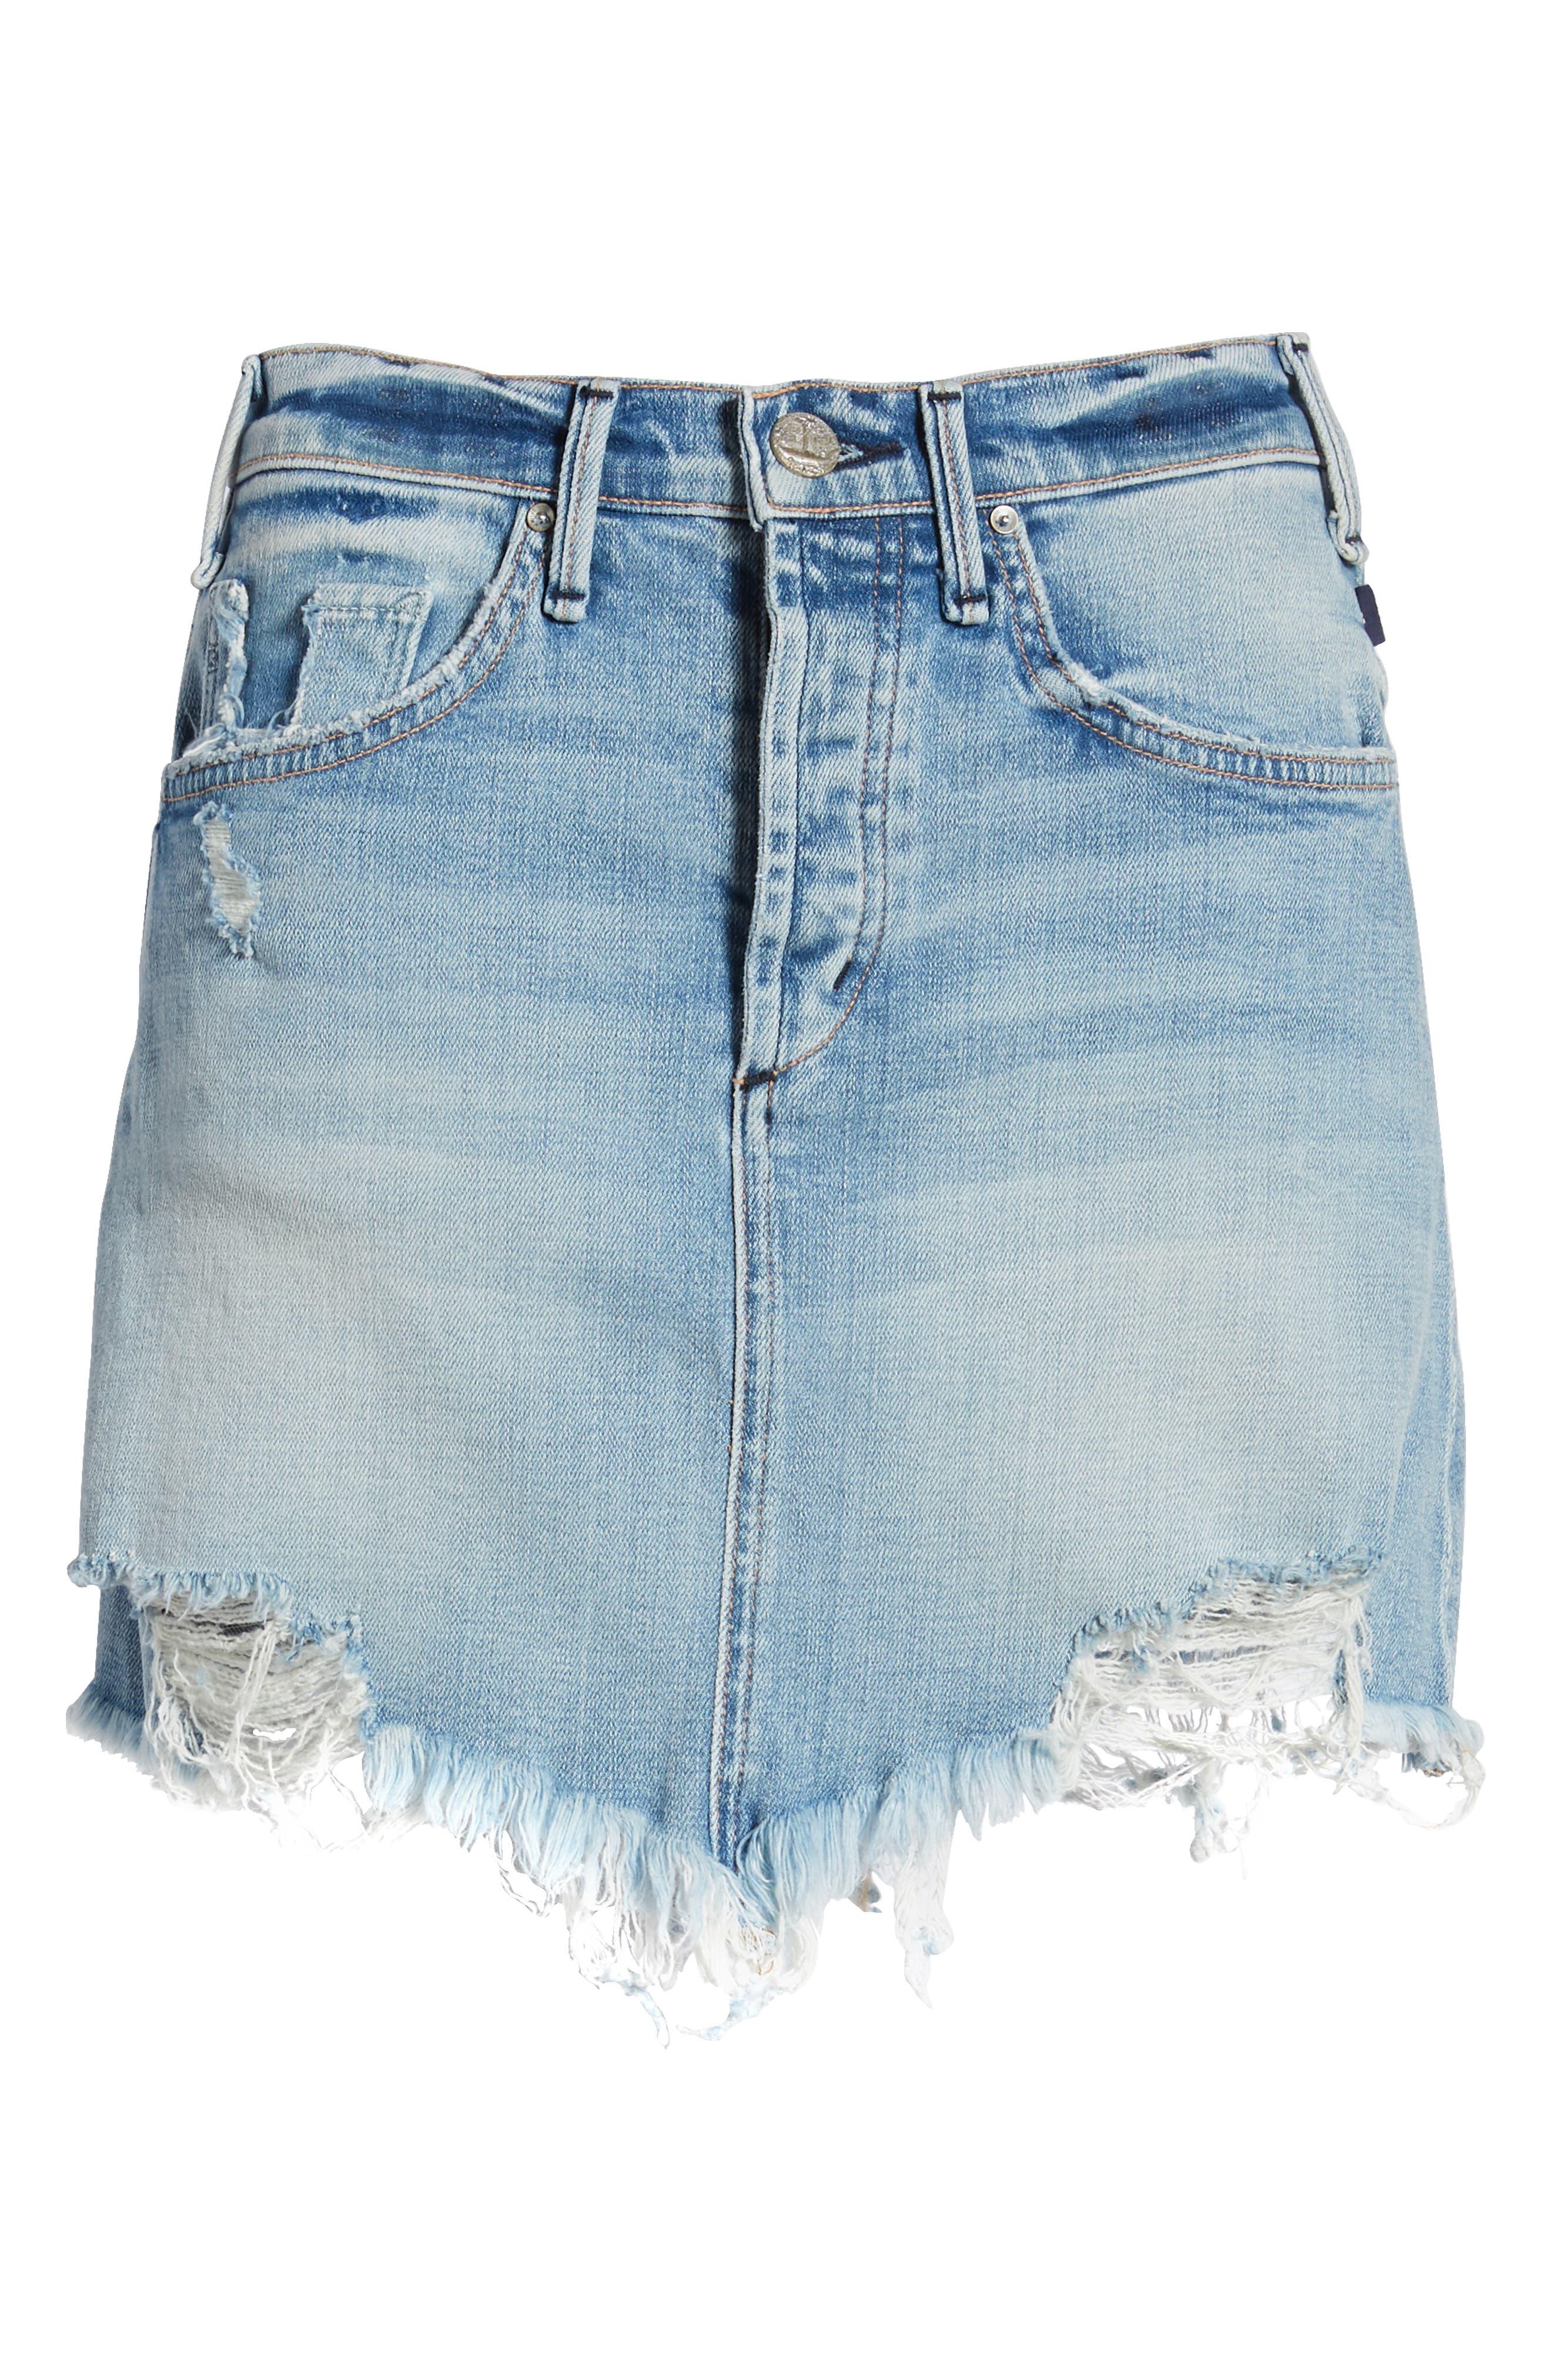 Izabel Angled Hem Denim Skirt,                             Alternate thumbnail 7, color,                             Dont Fade Away